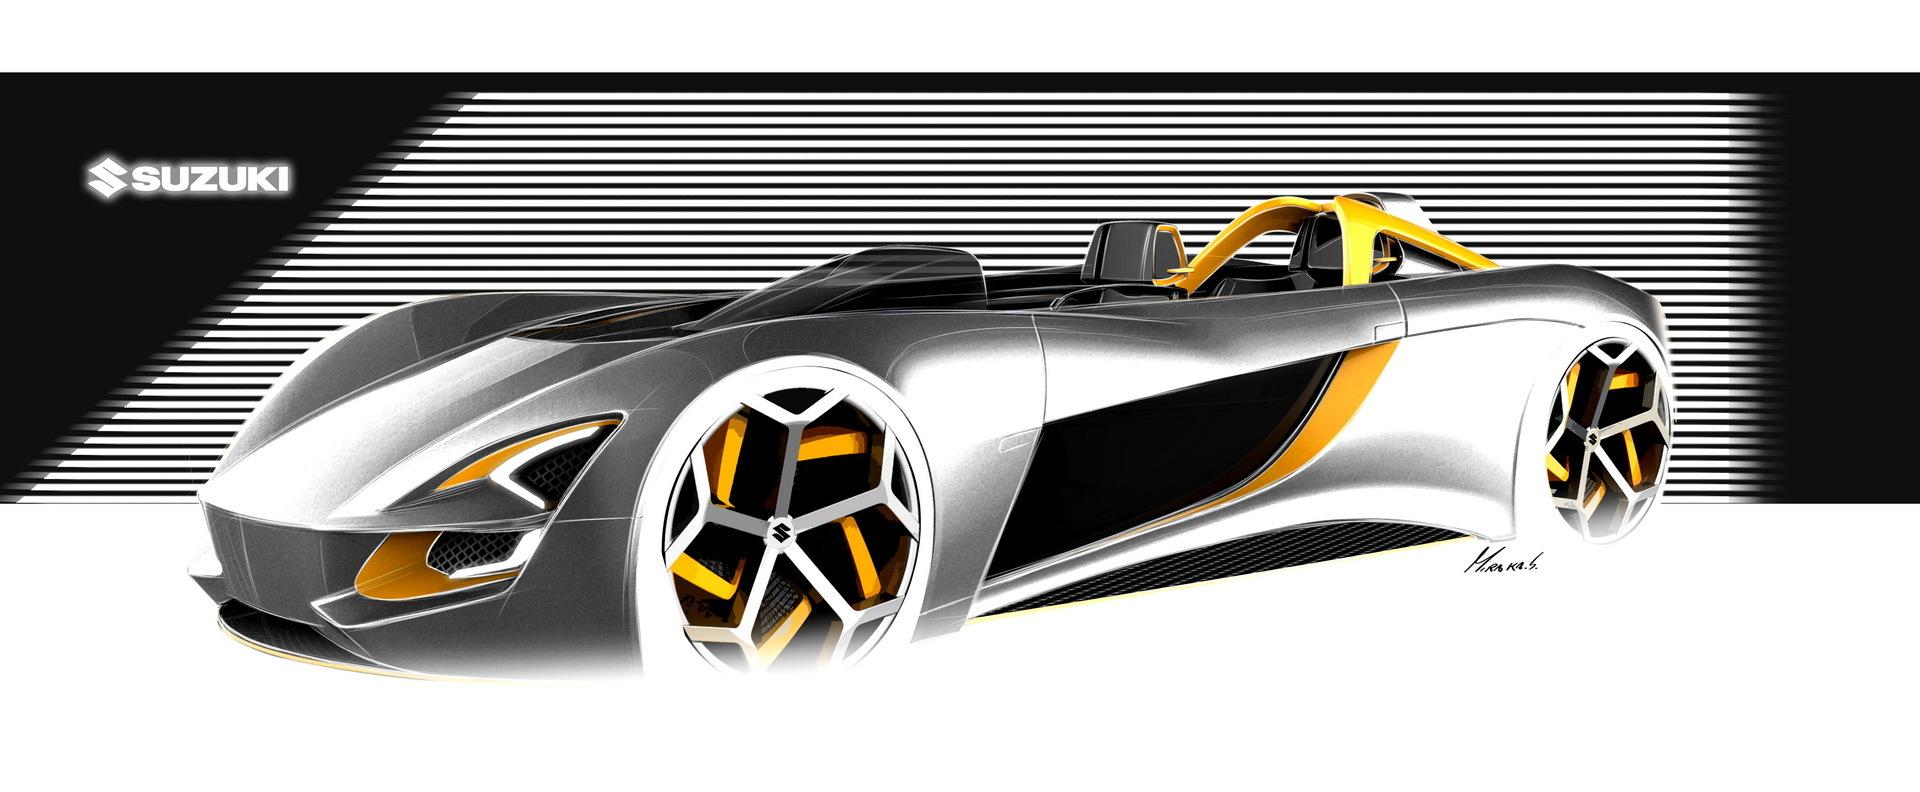 Suzuki Misano Concept 17